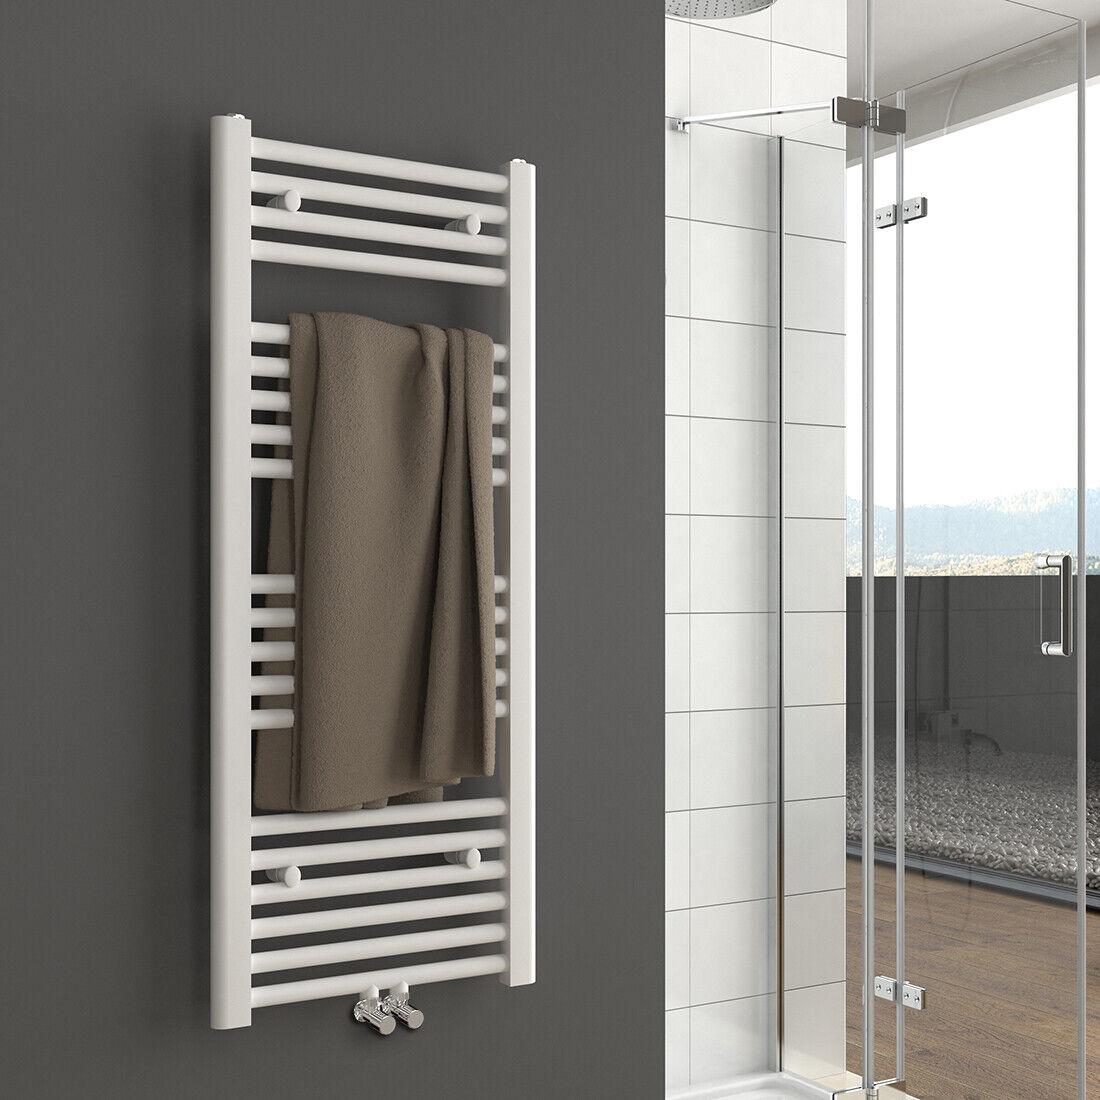 Handtuchwärmer Grünikal Handtuchheizkörper Badheizung  Weiß 1000x400mm